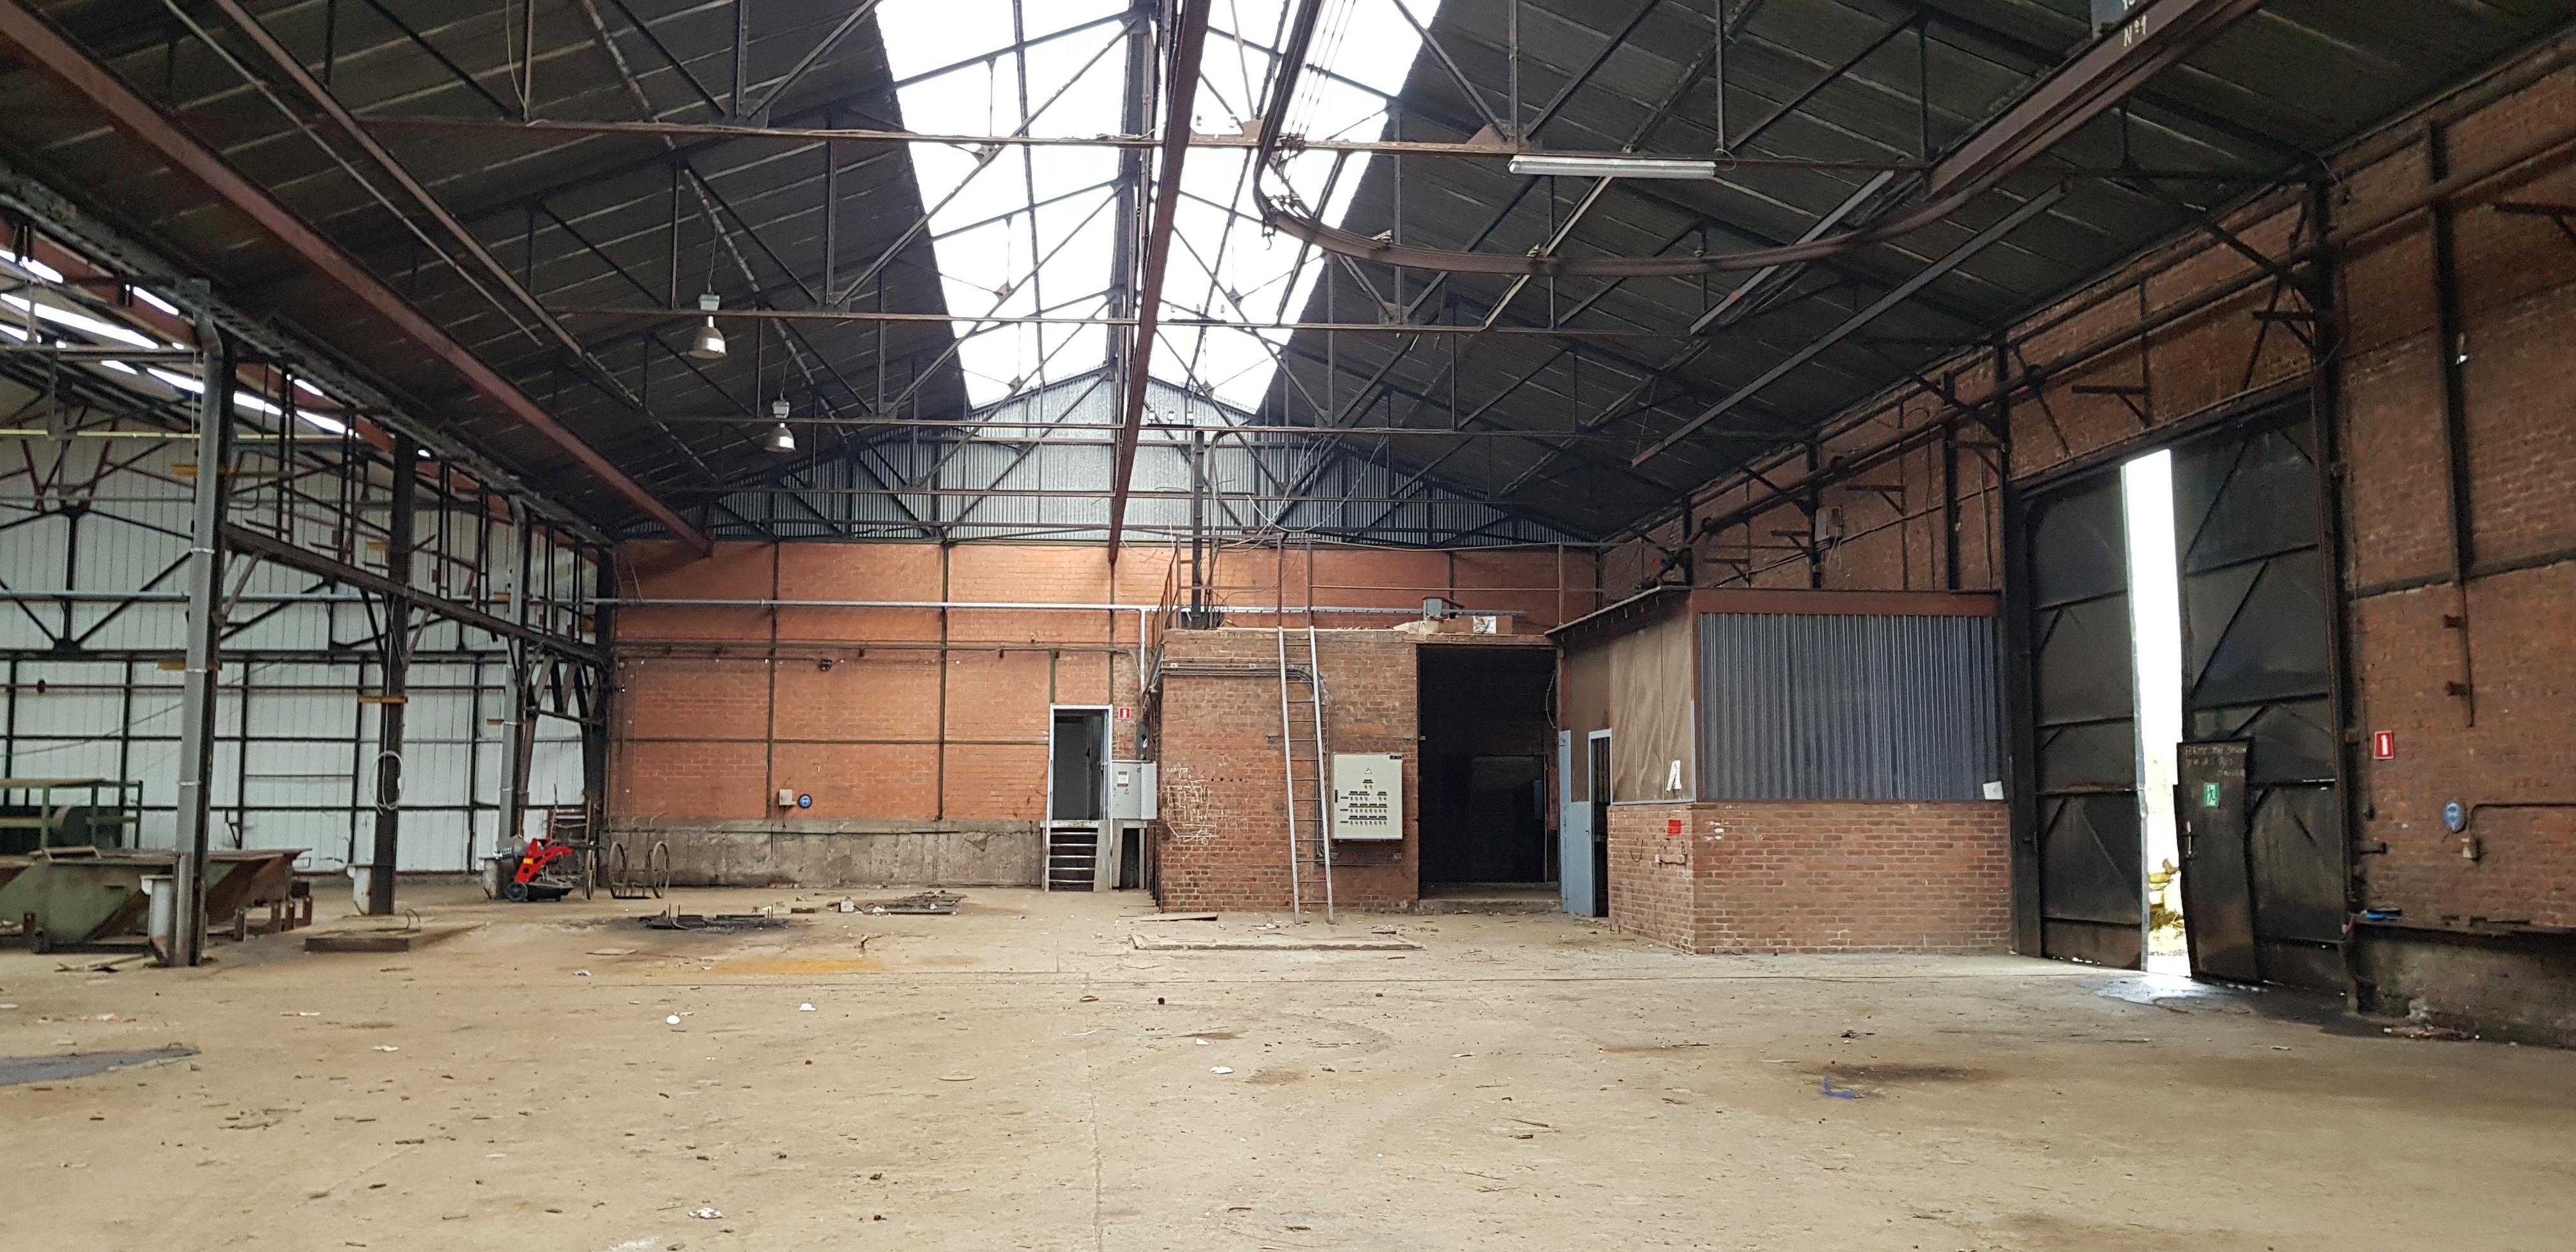 Terrasse indoor